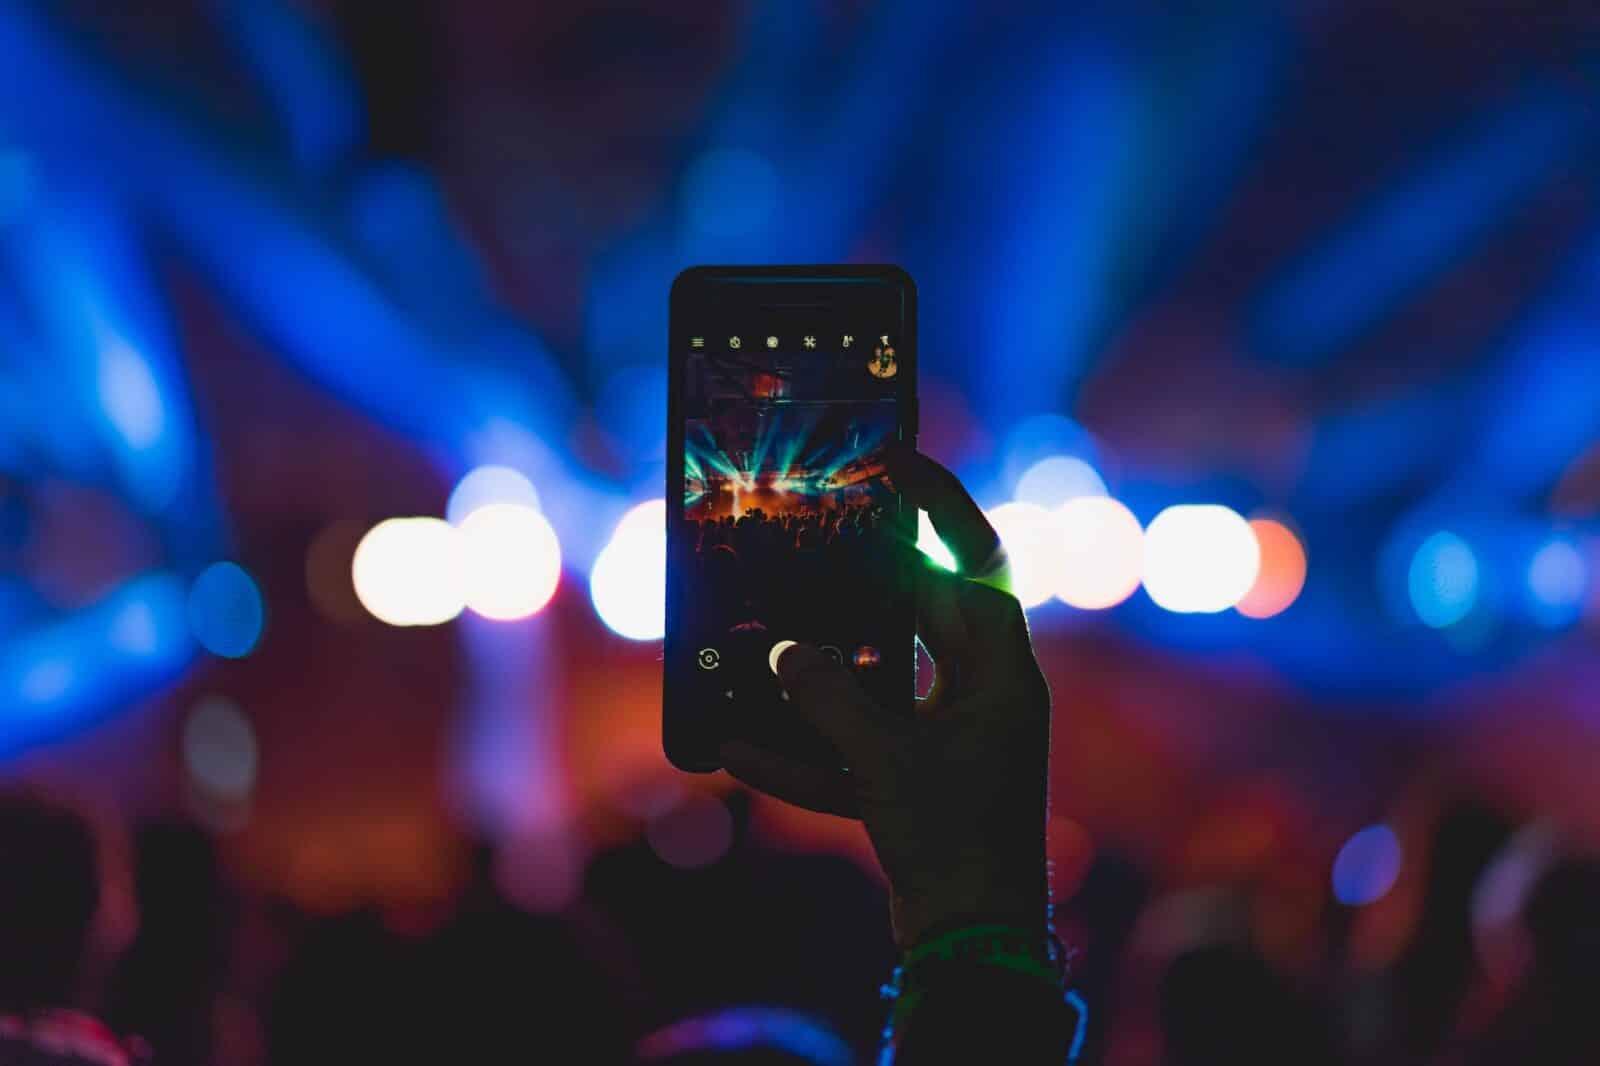 Divertissement en ligne app smartphone